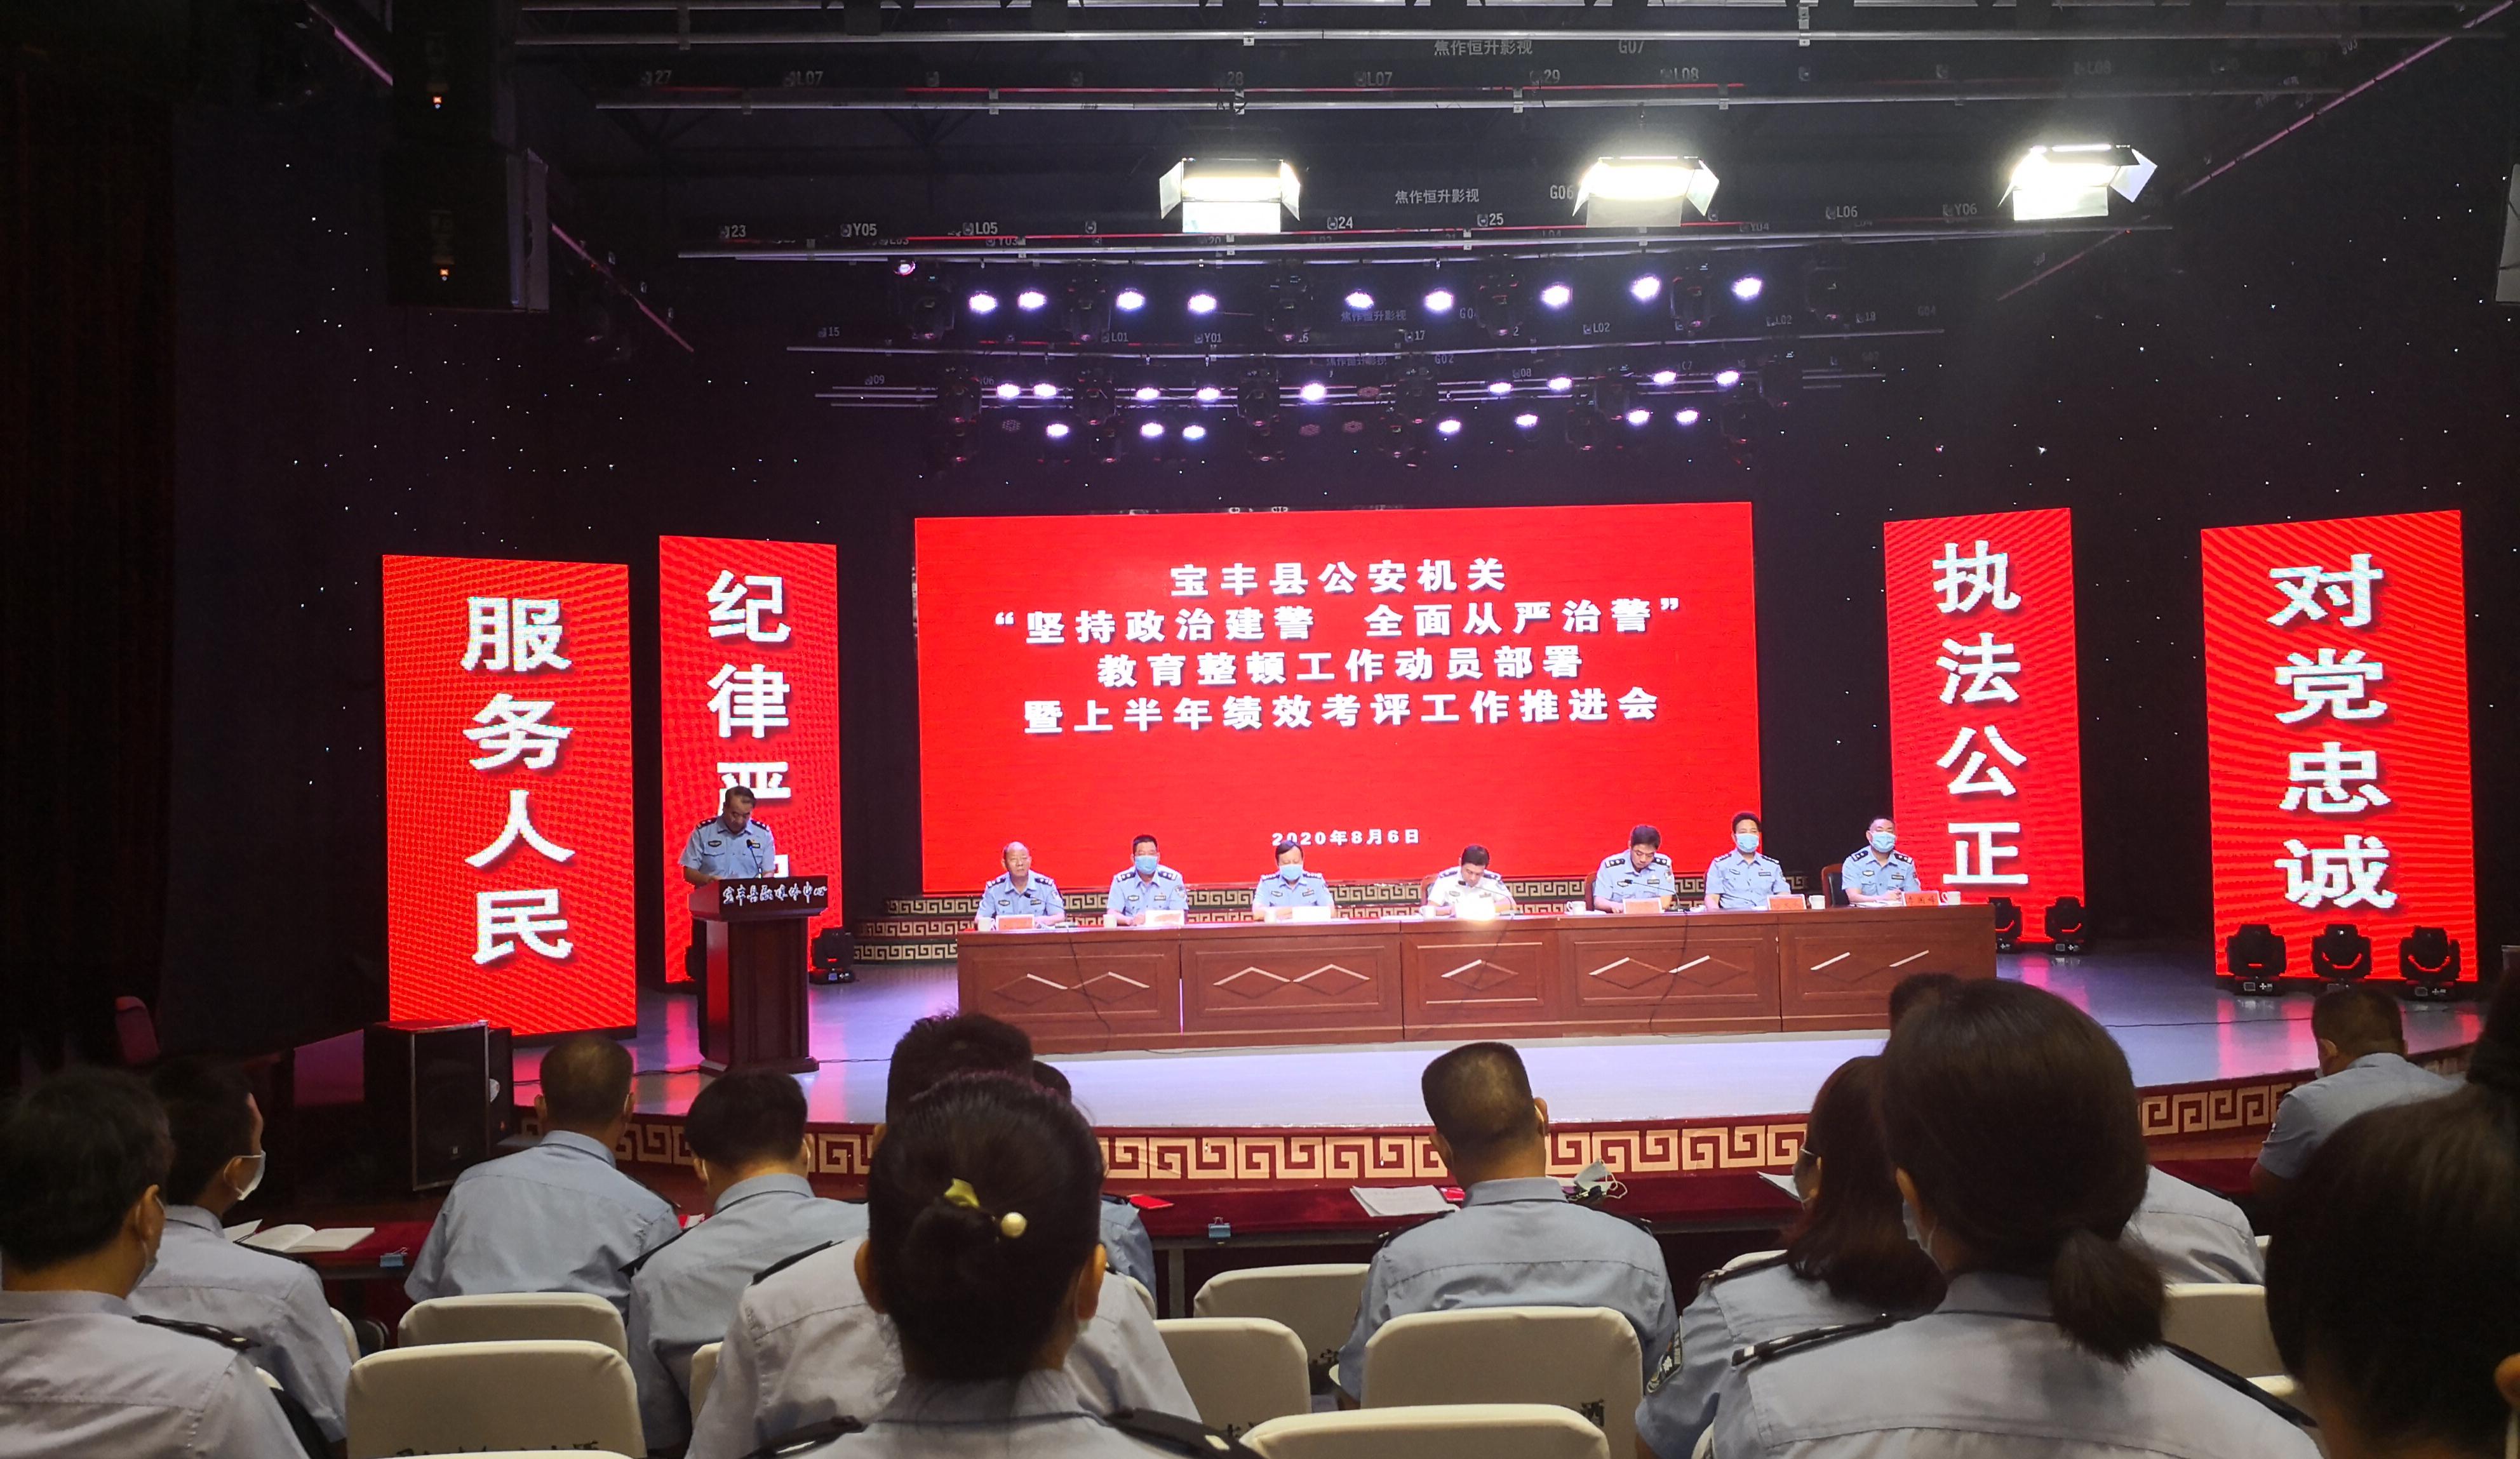 宝丰县公安局召开上半年绩效考评工作推进会